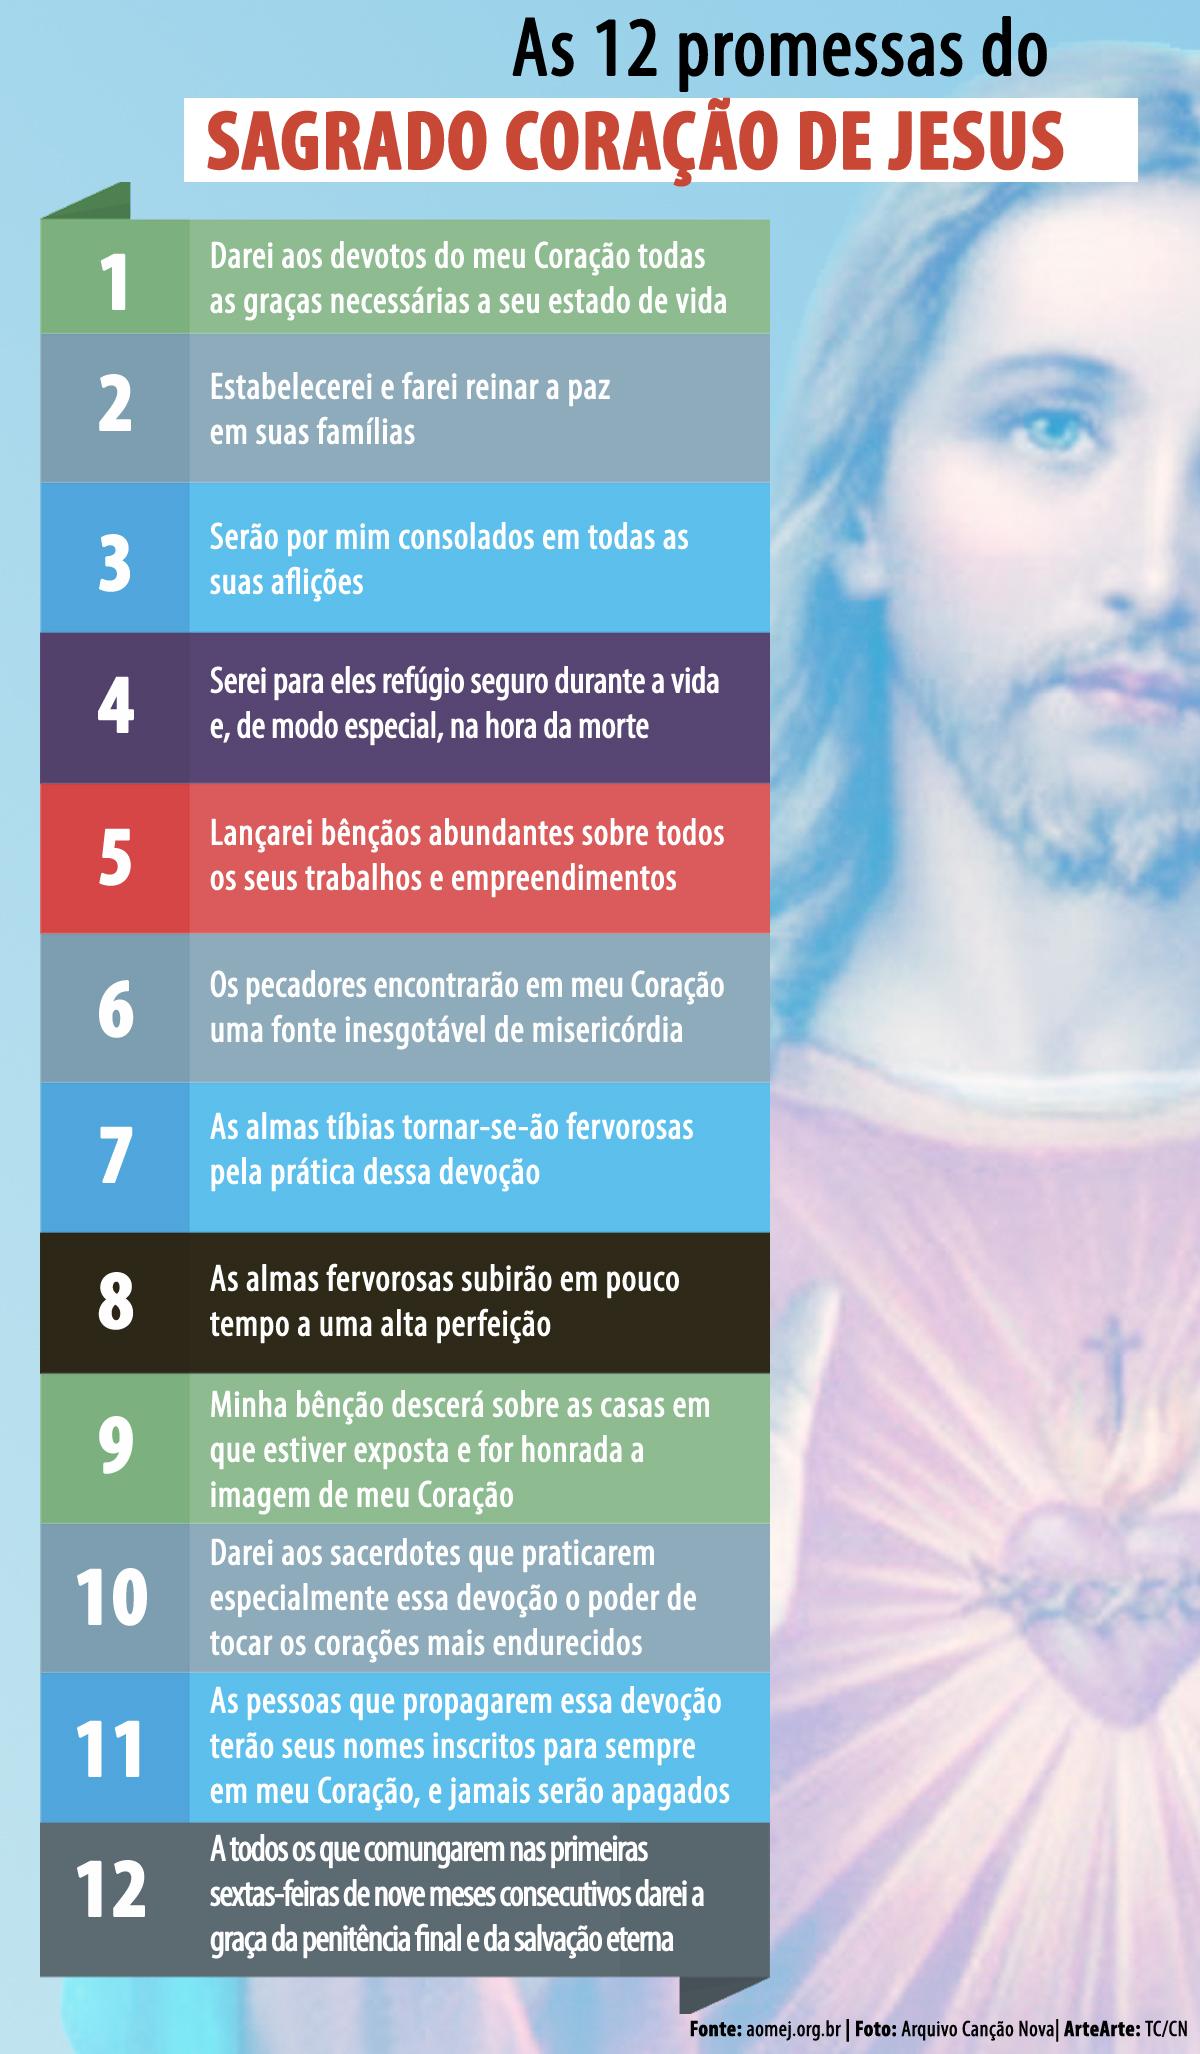 Padre explica devoção ao Sagrado Coração de Jesus